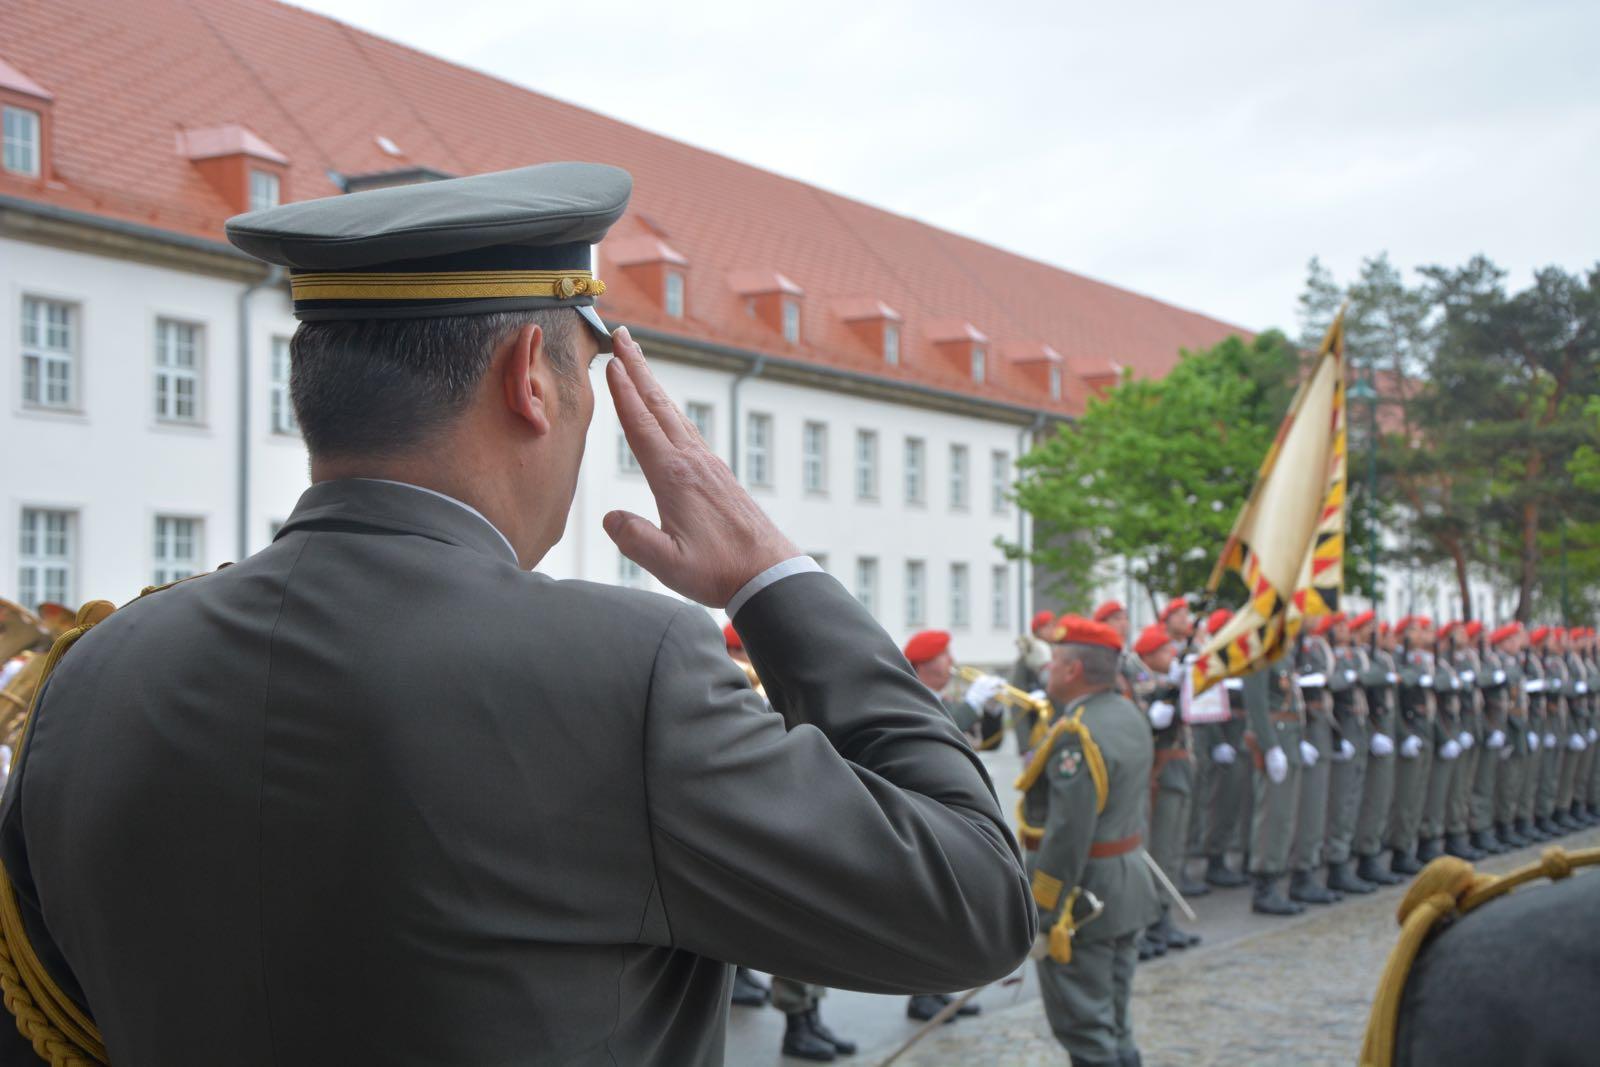 2019_04_30_Besuch_Staatsanwaltschaft - 19 of 25